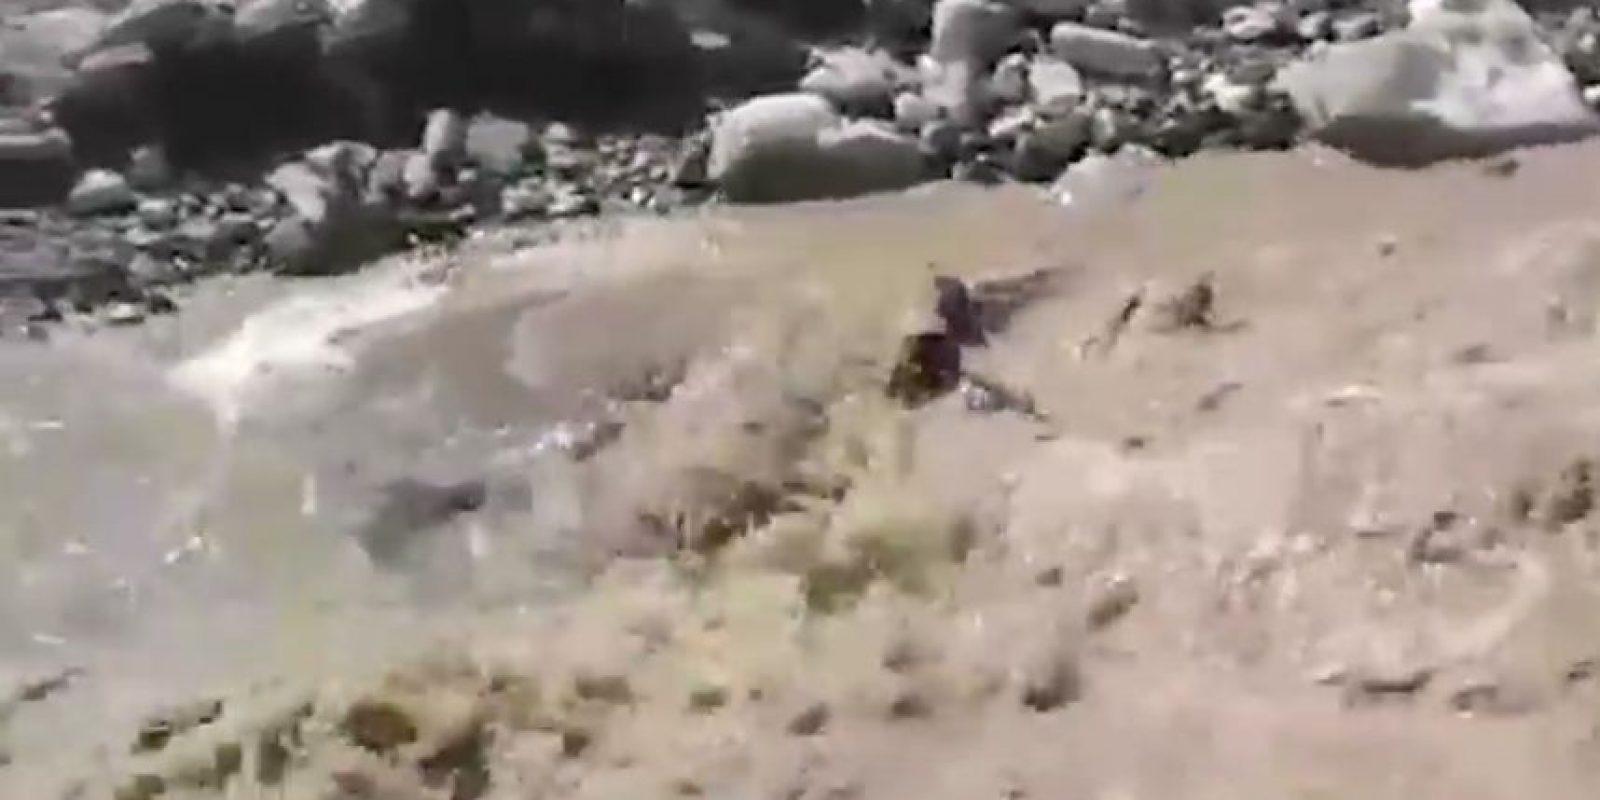 """El pequeño animal luchaba contra una corriente de agua que lo había arrastrado. Luego de ser rescatado, recibió el nombre de """"Príncipe"""" Foto:Vía Youtube.com/policiadecolombia"""